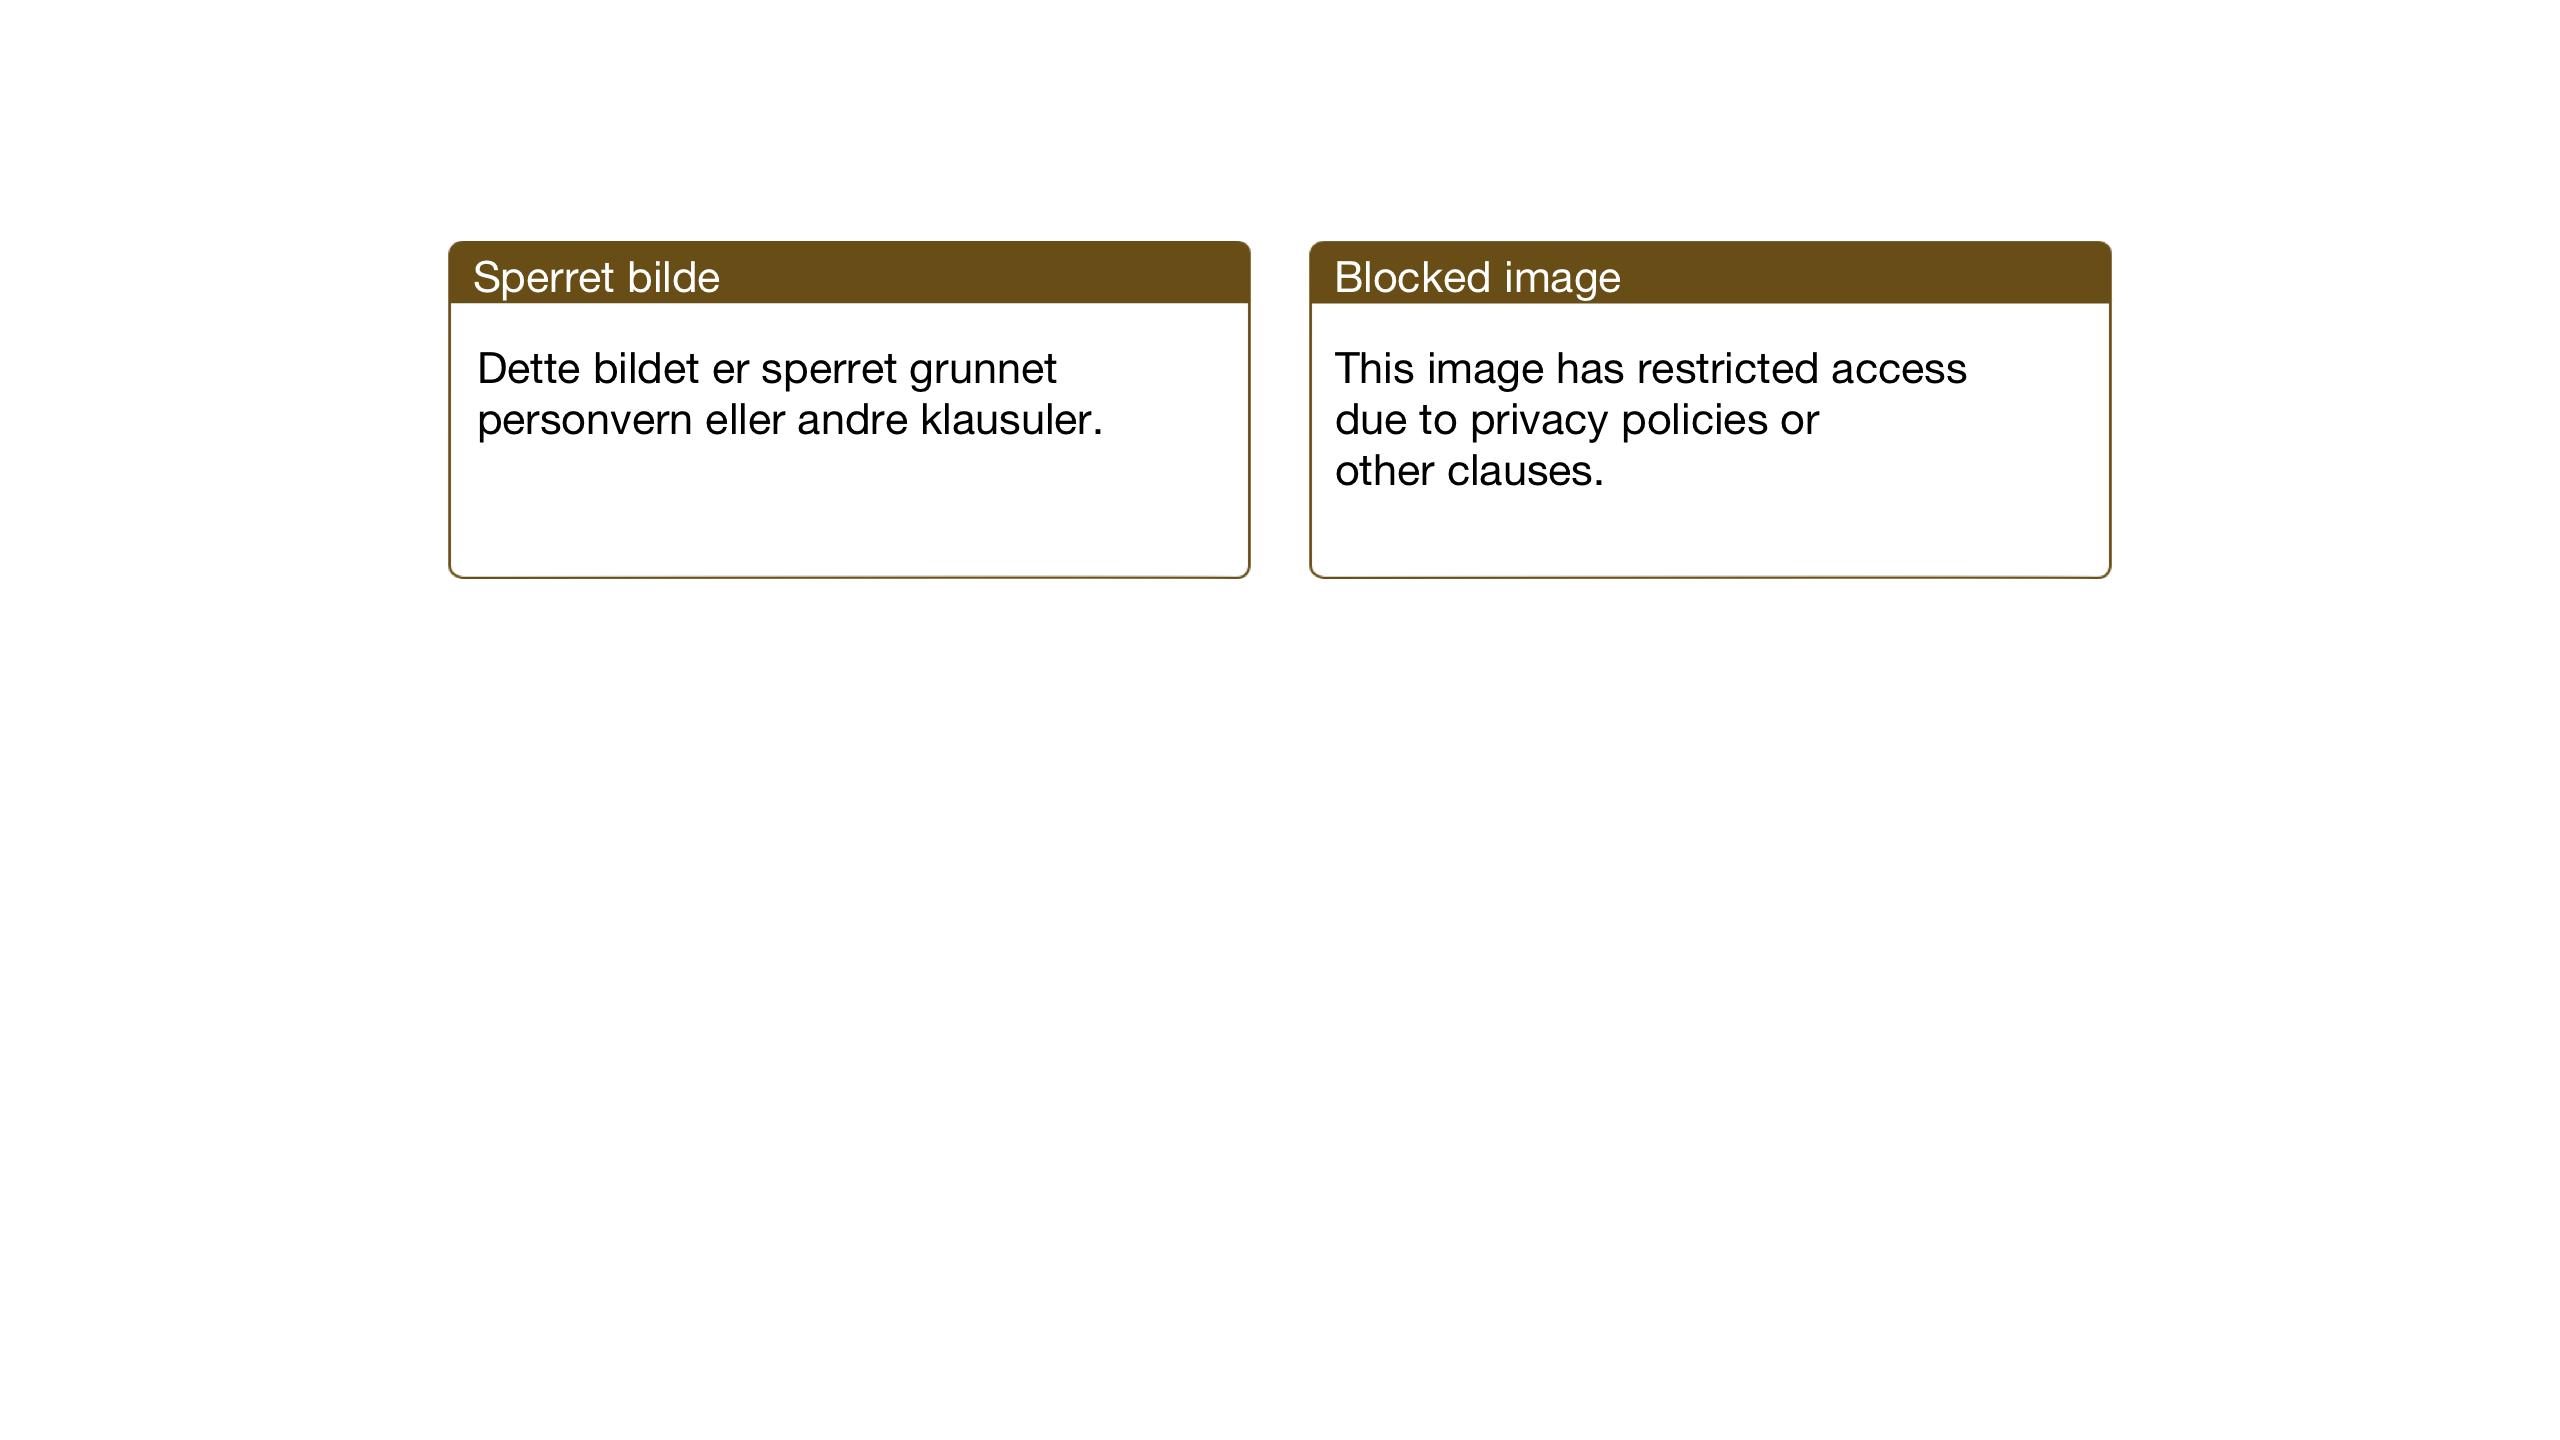 SAT, Ministerialprotokoller, klokkerbøker og fødselsregistre - Nord-Trøndelag, 774/L0631: Klokkerbok nr. 774C02, 1934-1950, s. 9